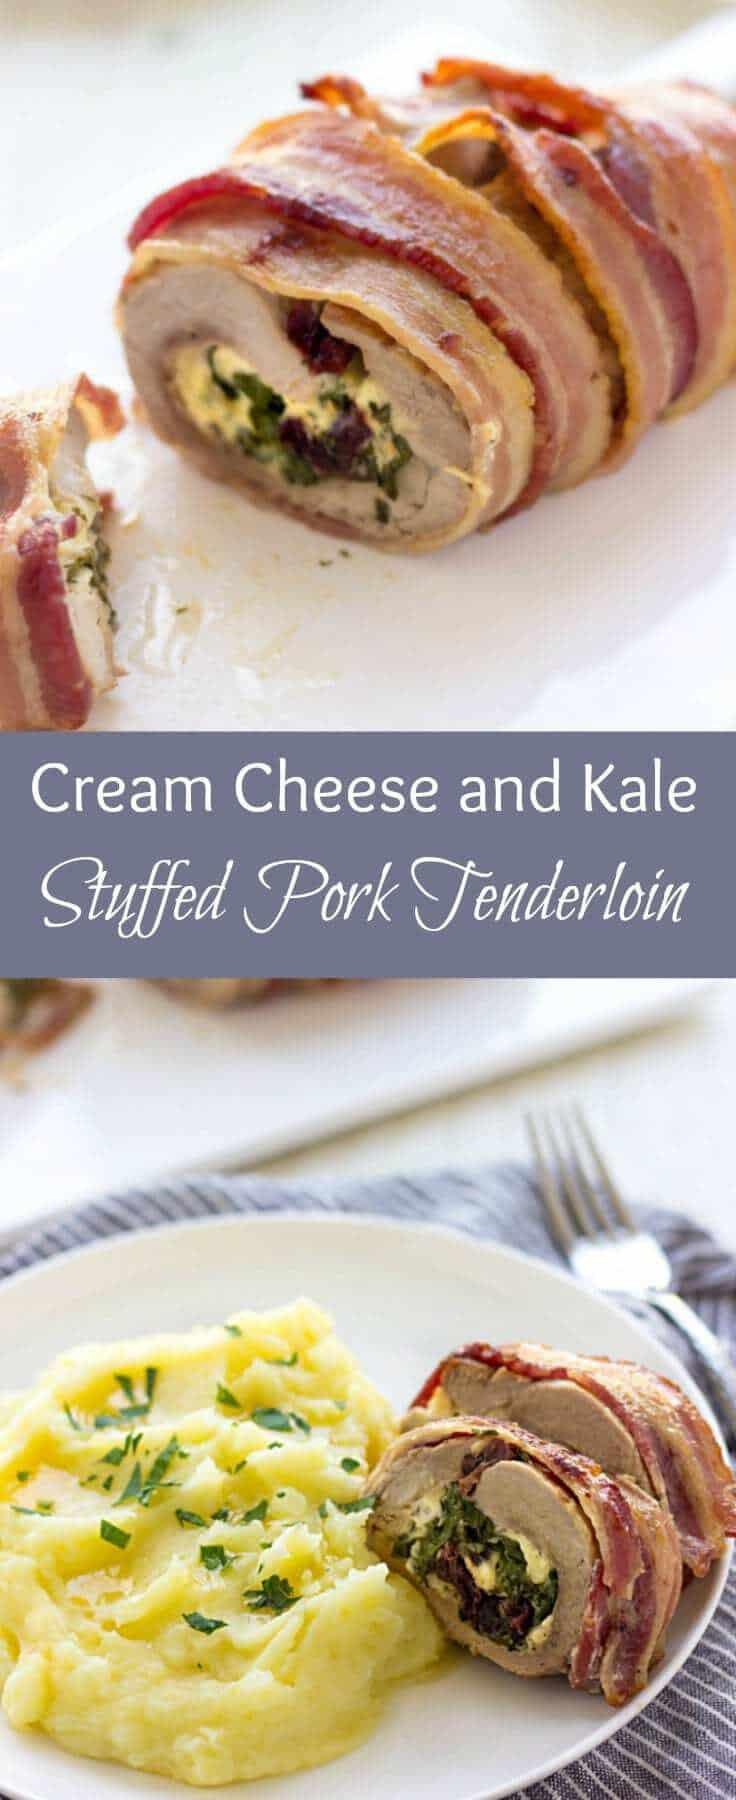 Stuffed Pork Tenderloin | Cream Cheese Stuffed Pork Tenderloin | Baked Pork Tenderloin | Bacon Wrapped Pork Tenderloin